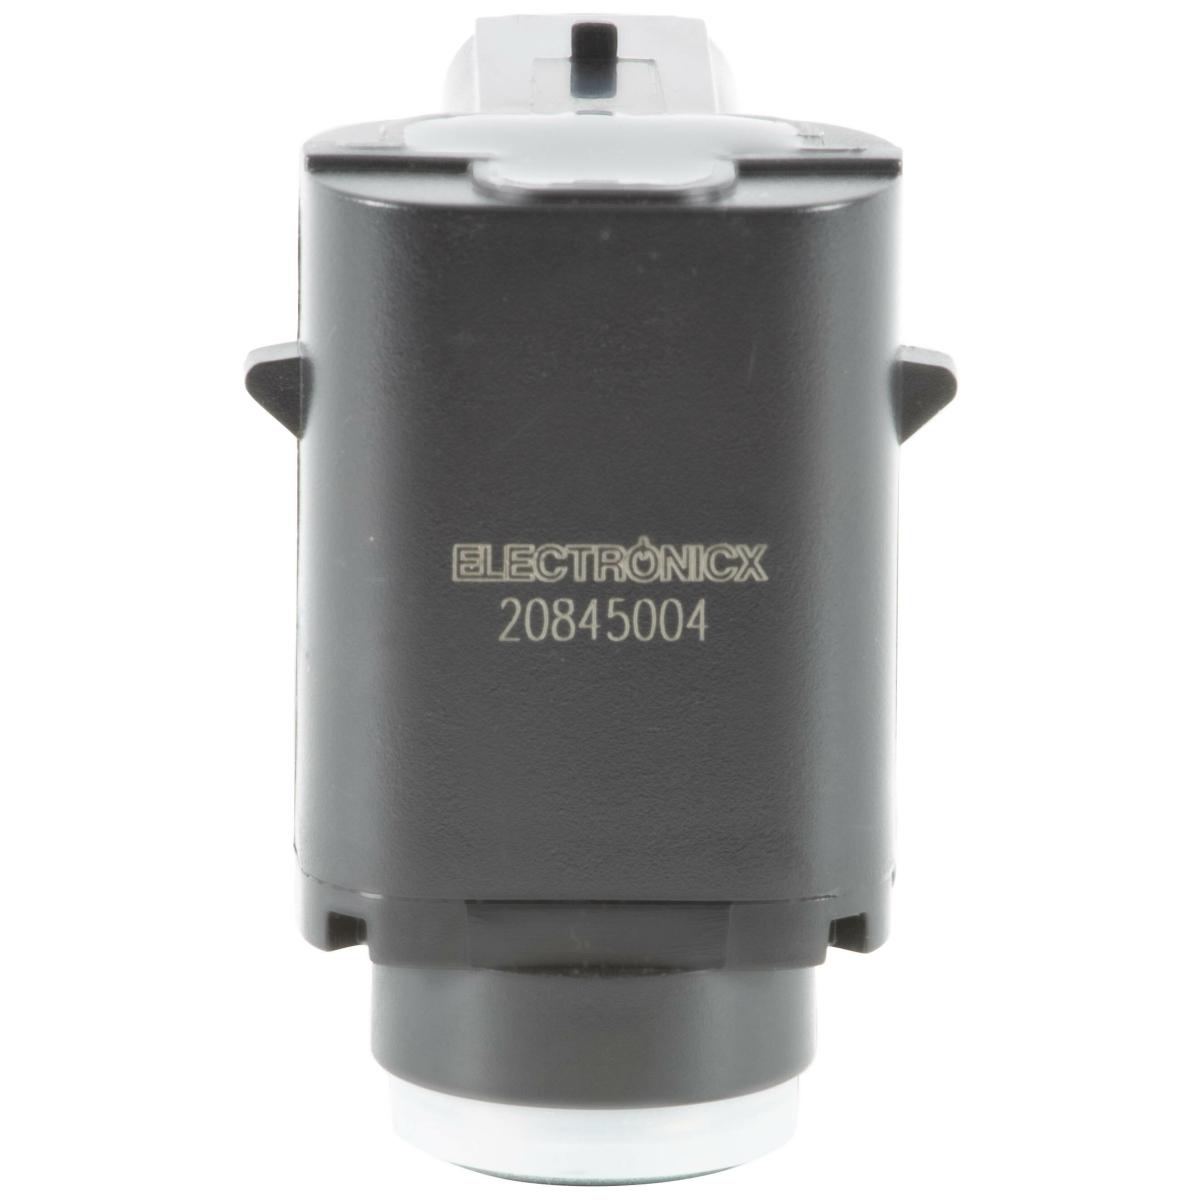 Park sensor 20845004 for Chevrolet PDC Parktronic